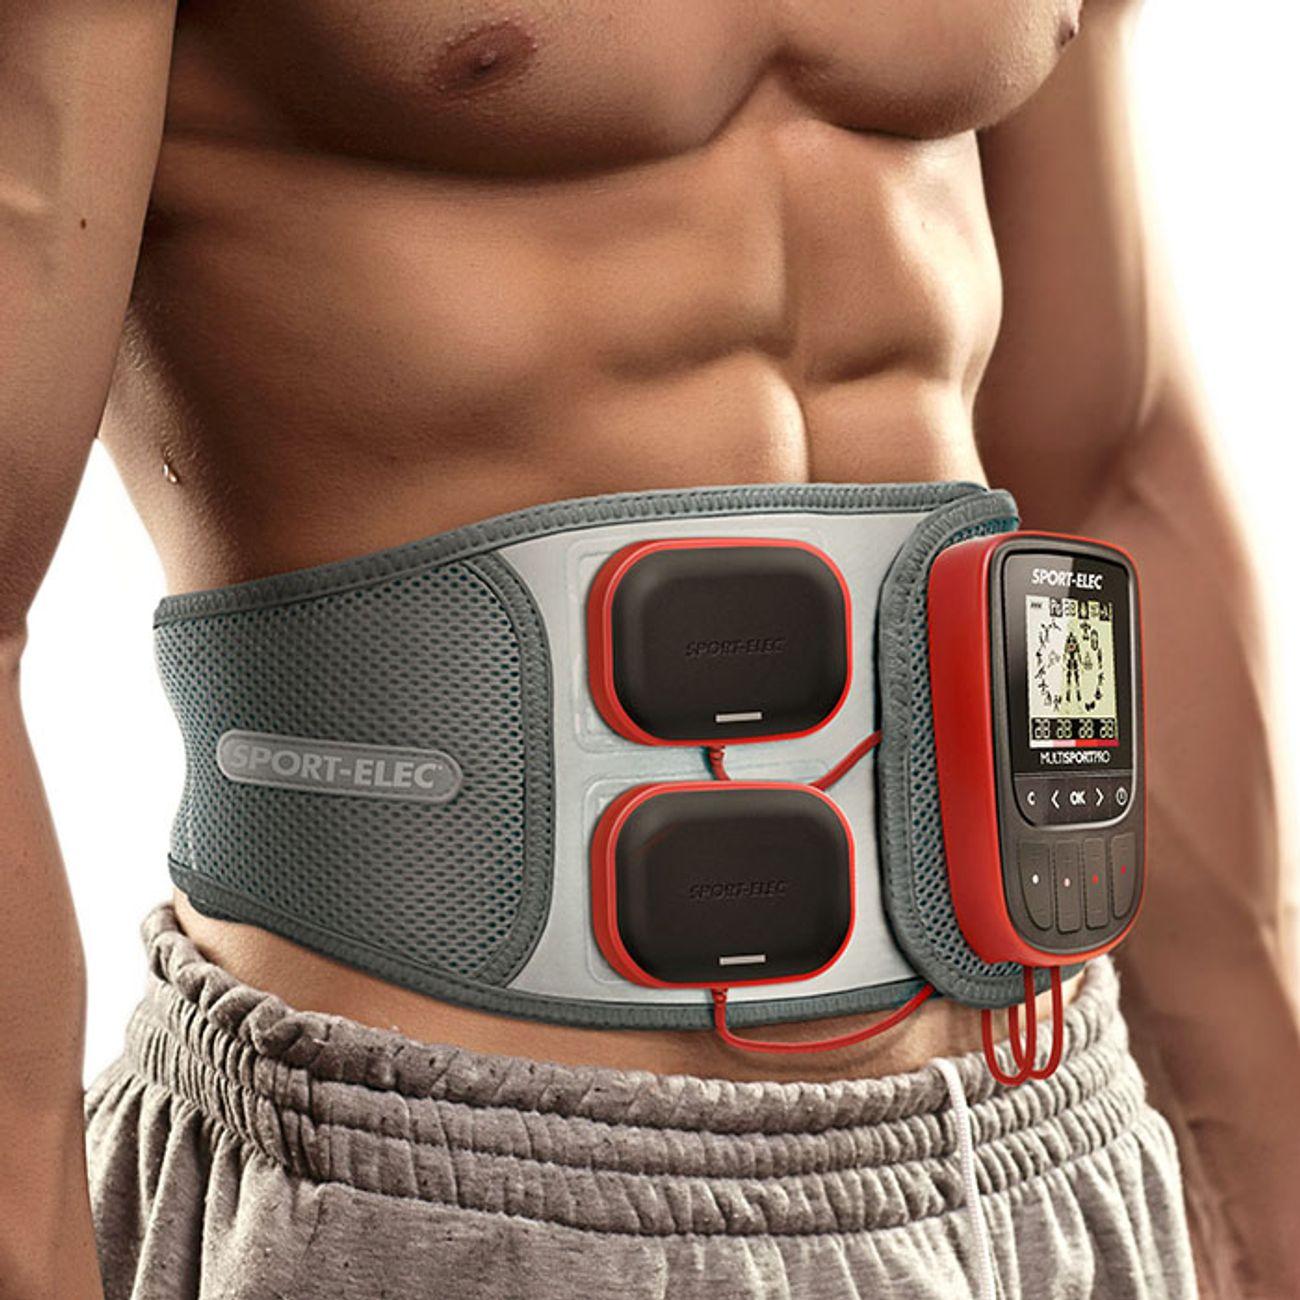 ... Electrostimulation Musculation SPORT ELEC Multisport pro pack ceinture  abdo Sport-Elec Electrostimulation ... 60807ad2bc3